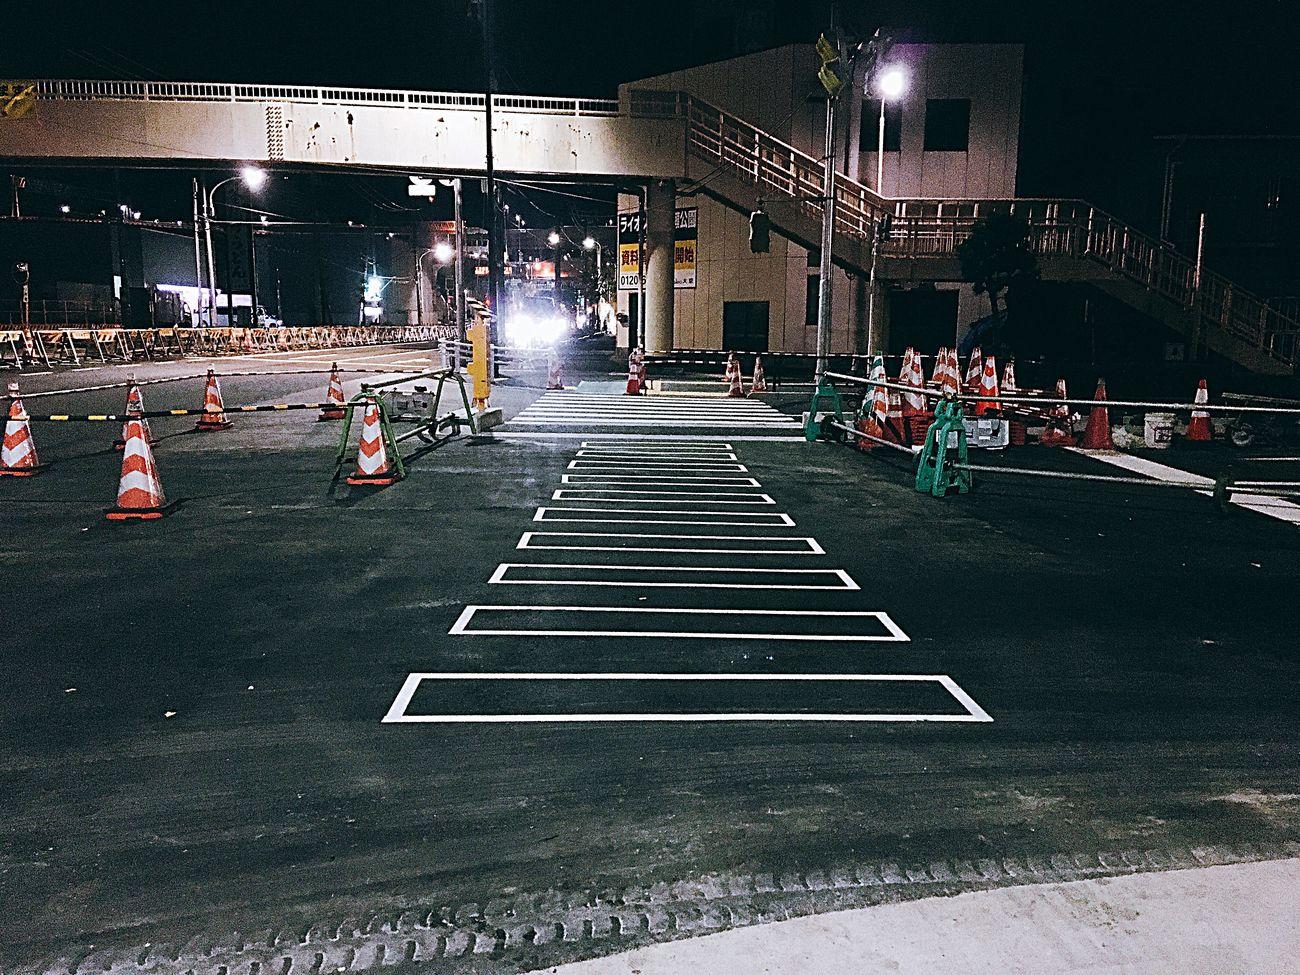 工事中(新しく交差点が生まれる) Road Construction Crossroads Intersection Early Morning Streetphoto_color Streetphotography Street Photography